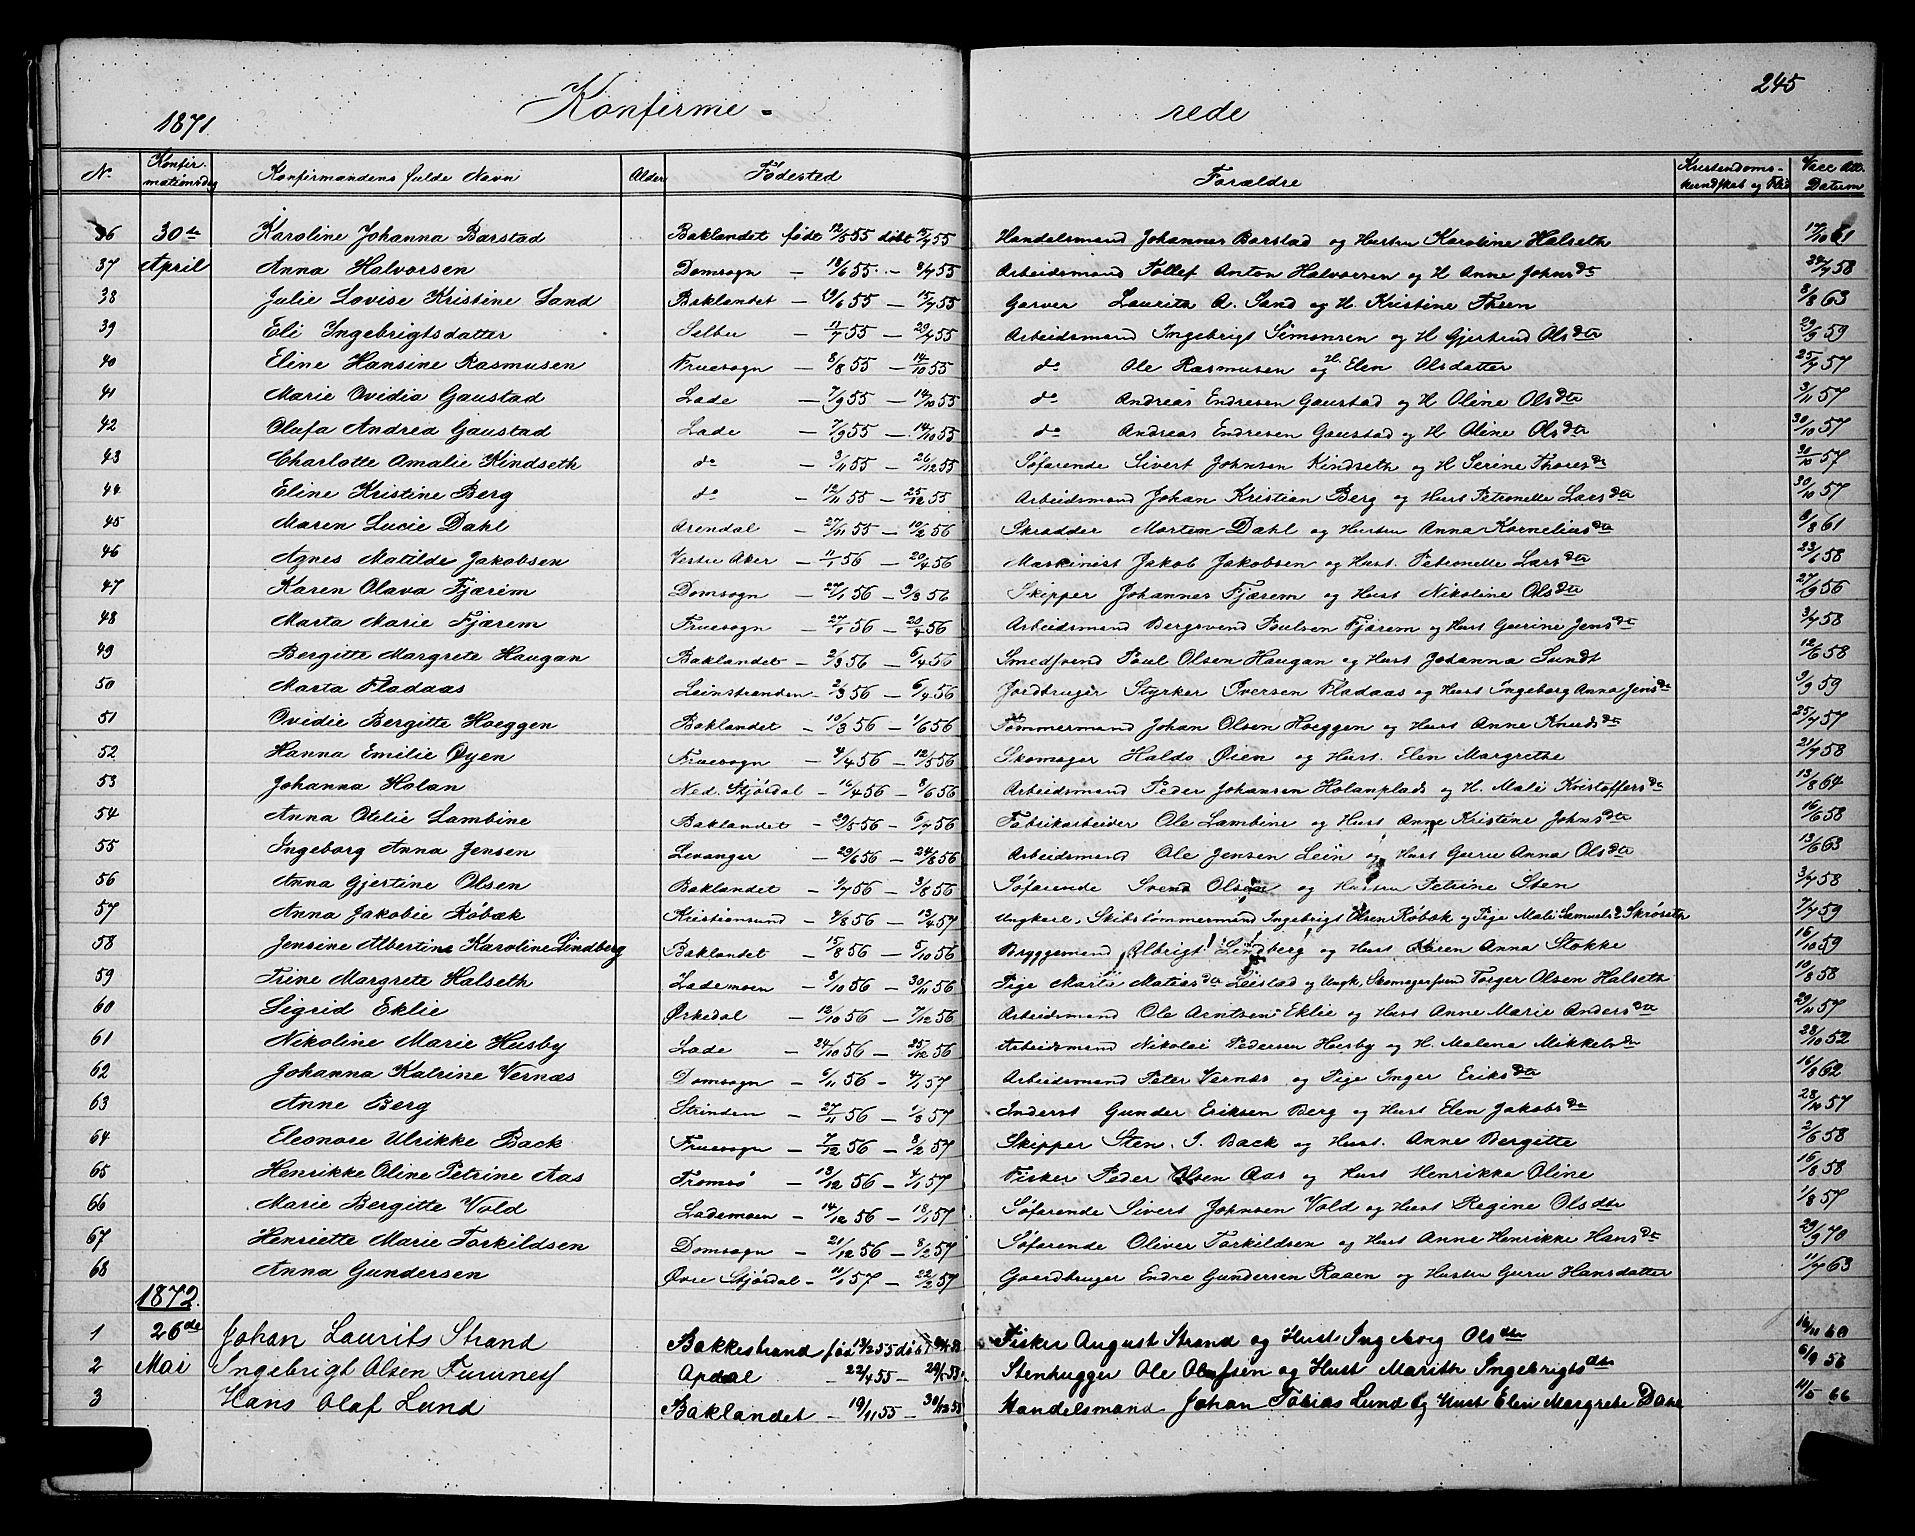 SAT, Ministerialprotokoller, klokkerbøker og fødselsregistre - Sør-Trøndelag, 604/L0220: Klokkerbok nr. 604C03, 1870-1885, s. 245